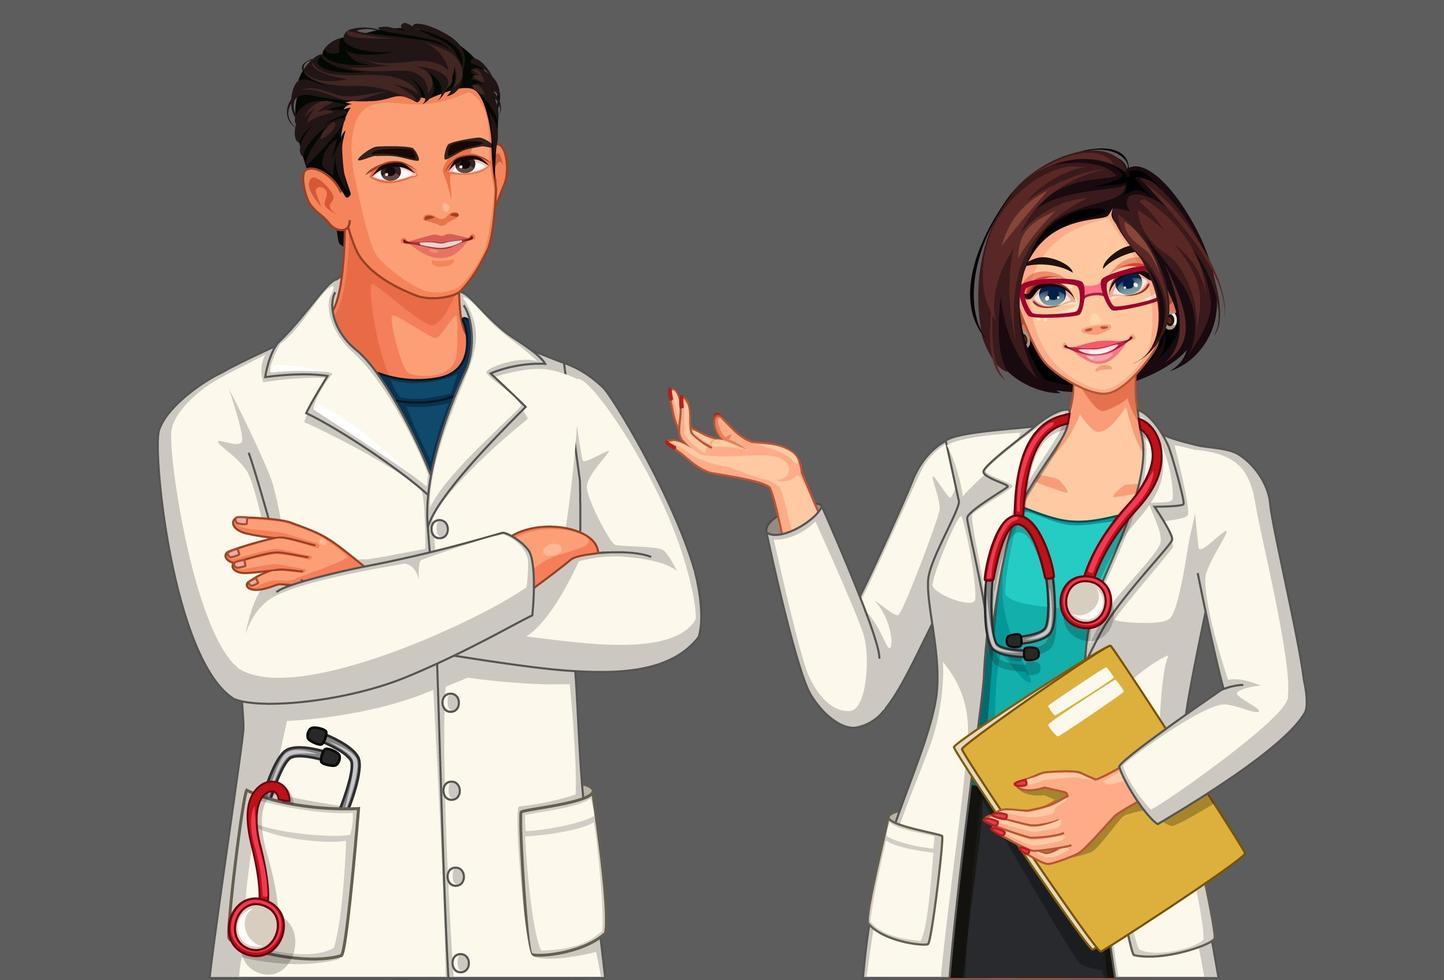 jovens médicos masculinos e femininos vetor